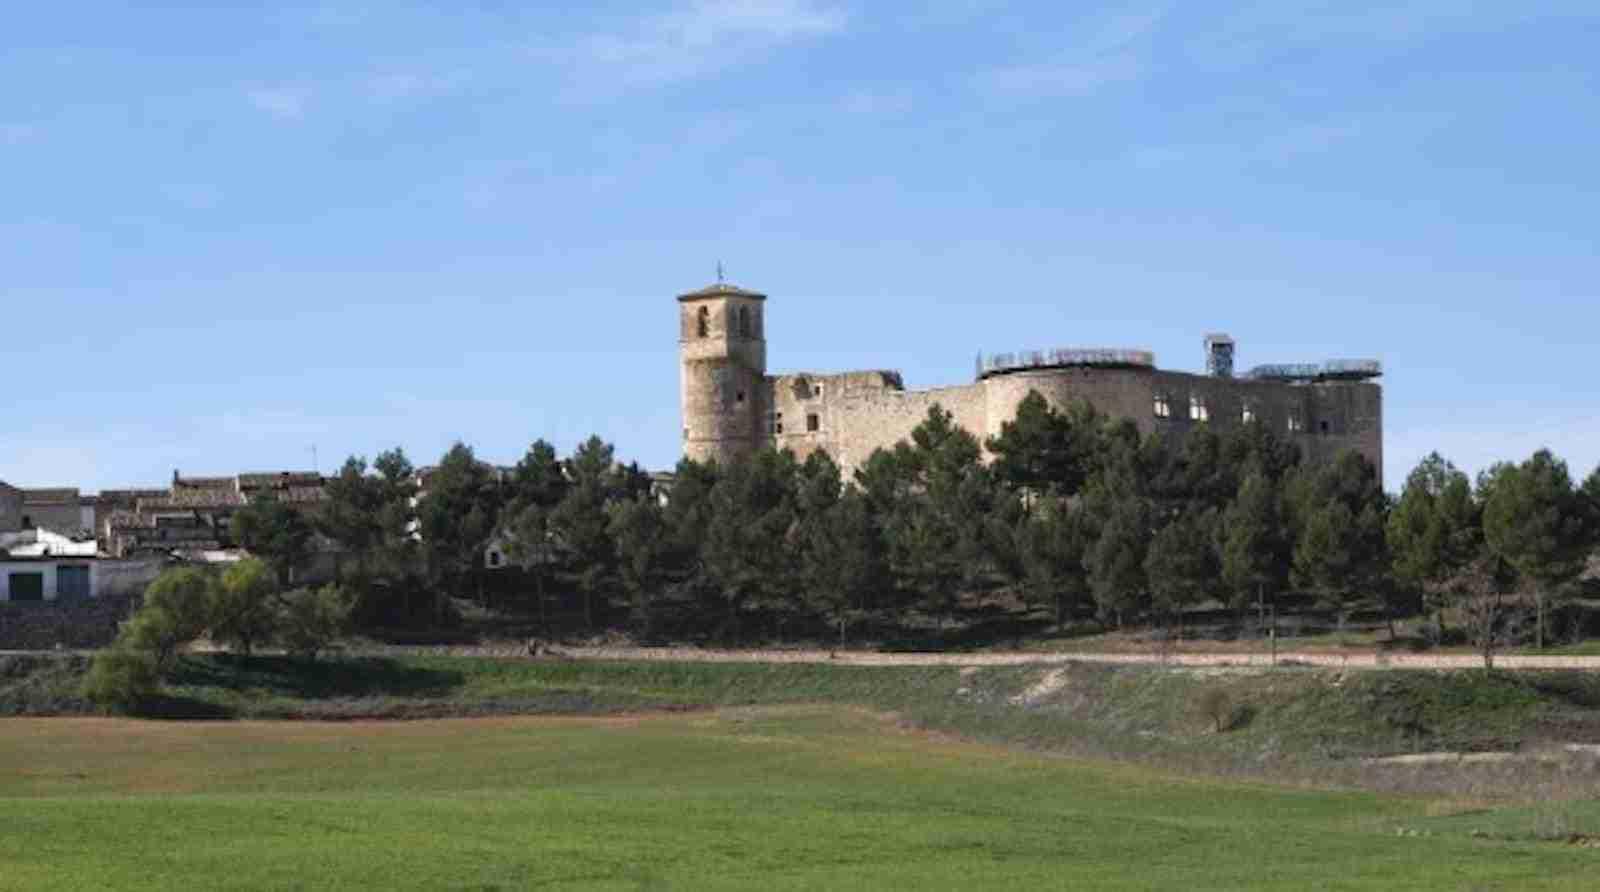 Vista general del castillo desde la autovía de Levante